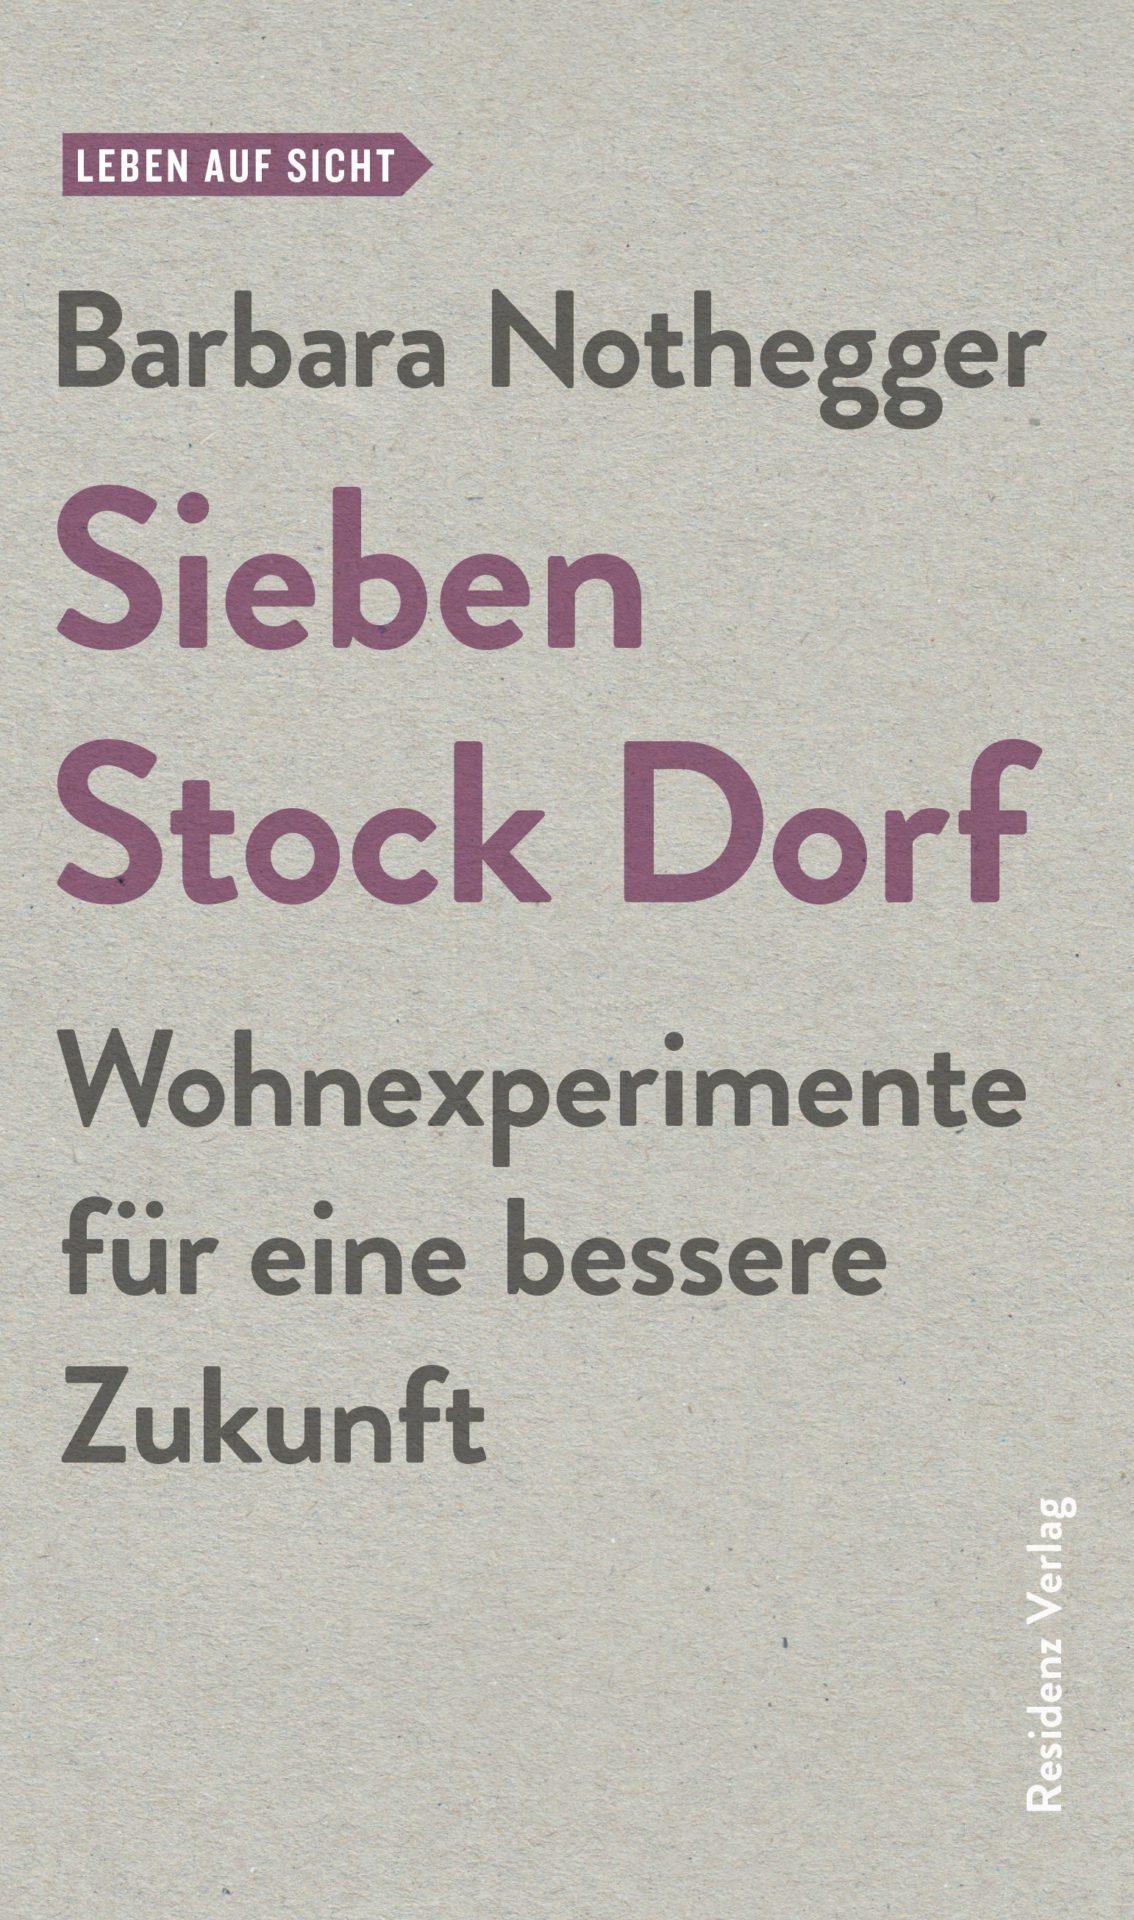 müller kfz stockdorf